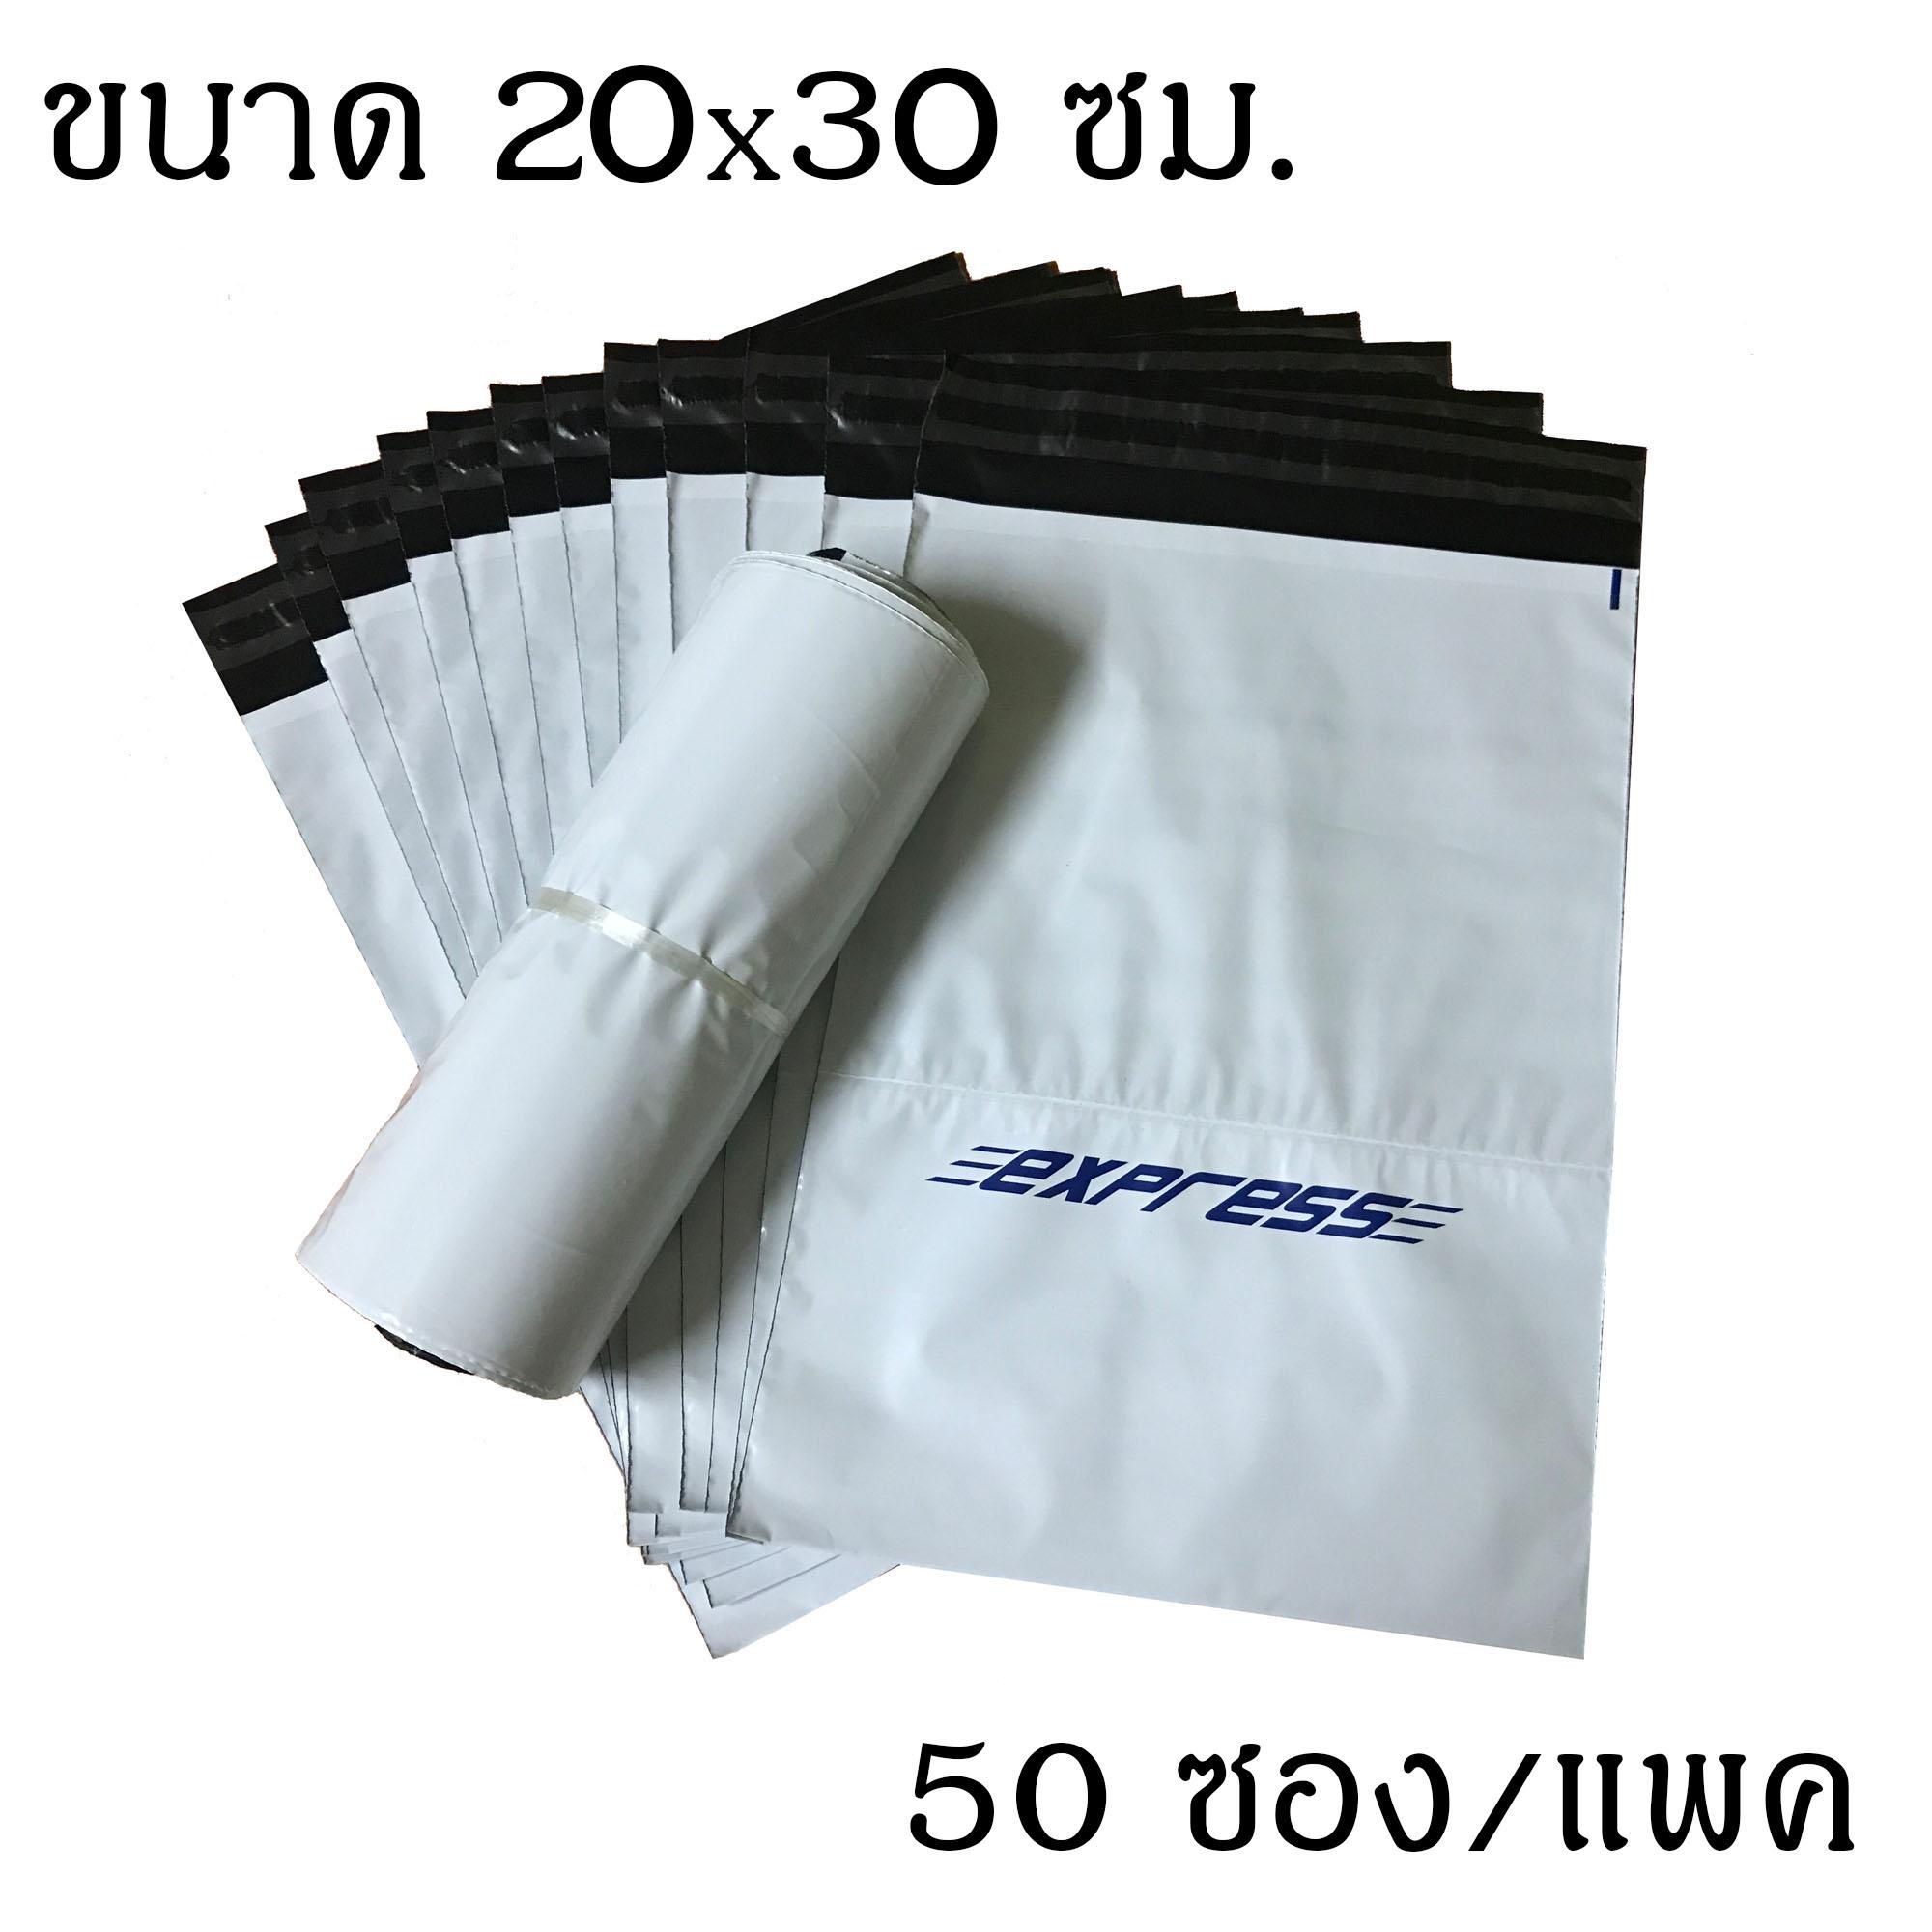 ซองไปรษณีย์พลาสติกพร้อมซองใส ขนาด 20x30 ซม. 50ซอง/แพค